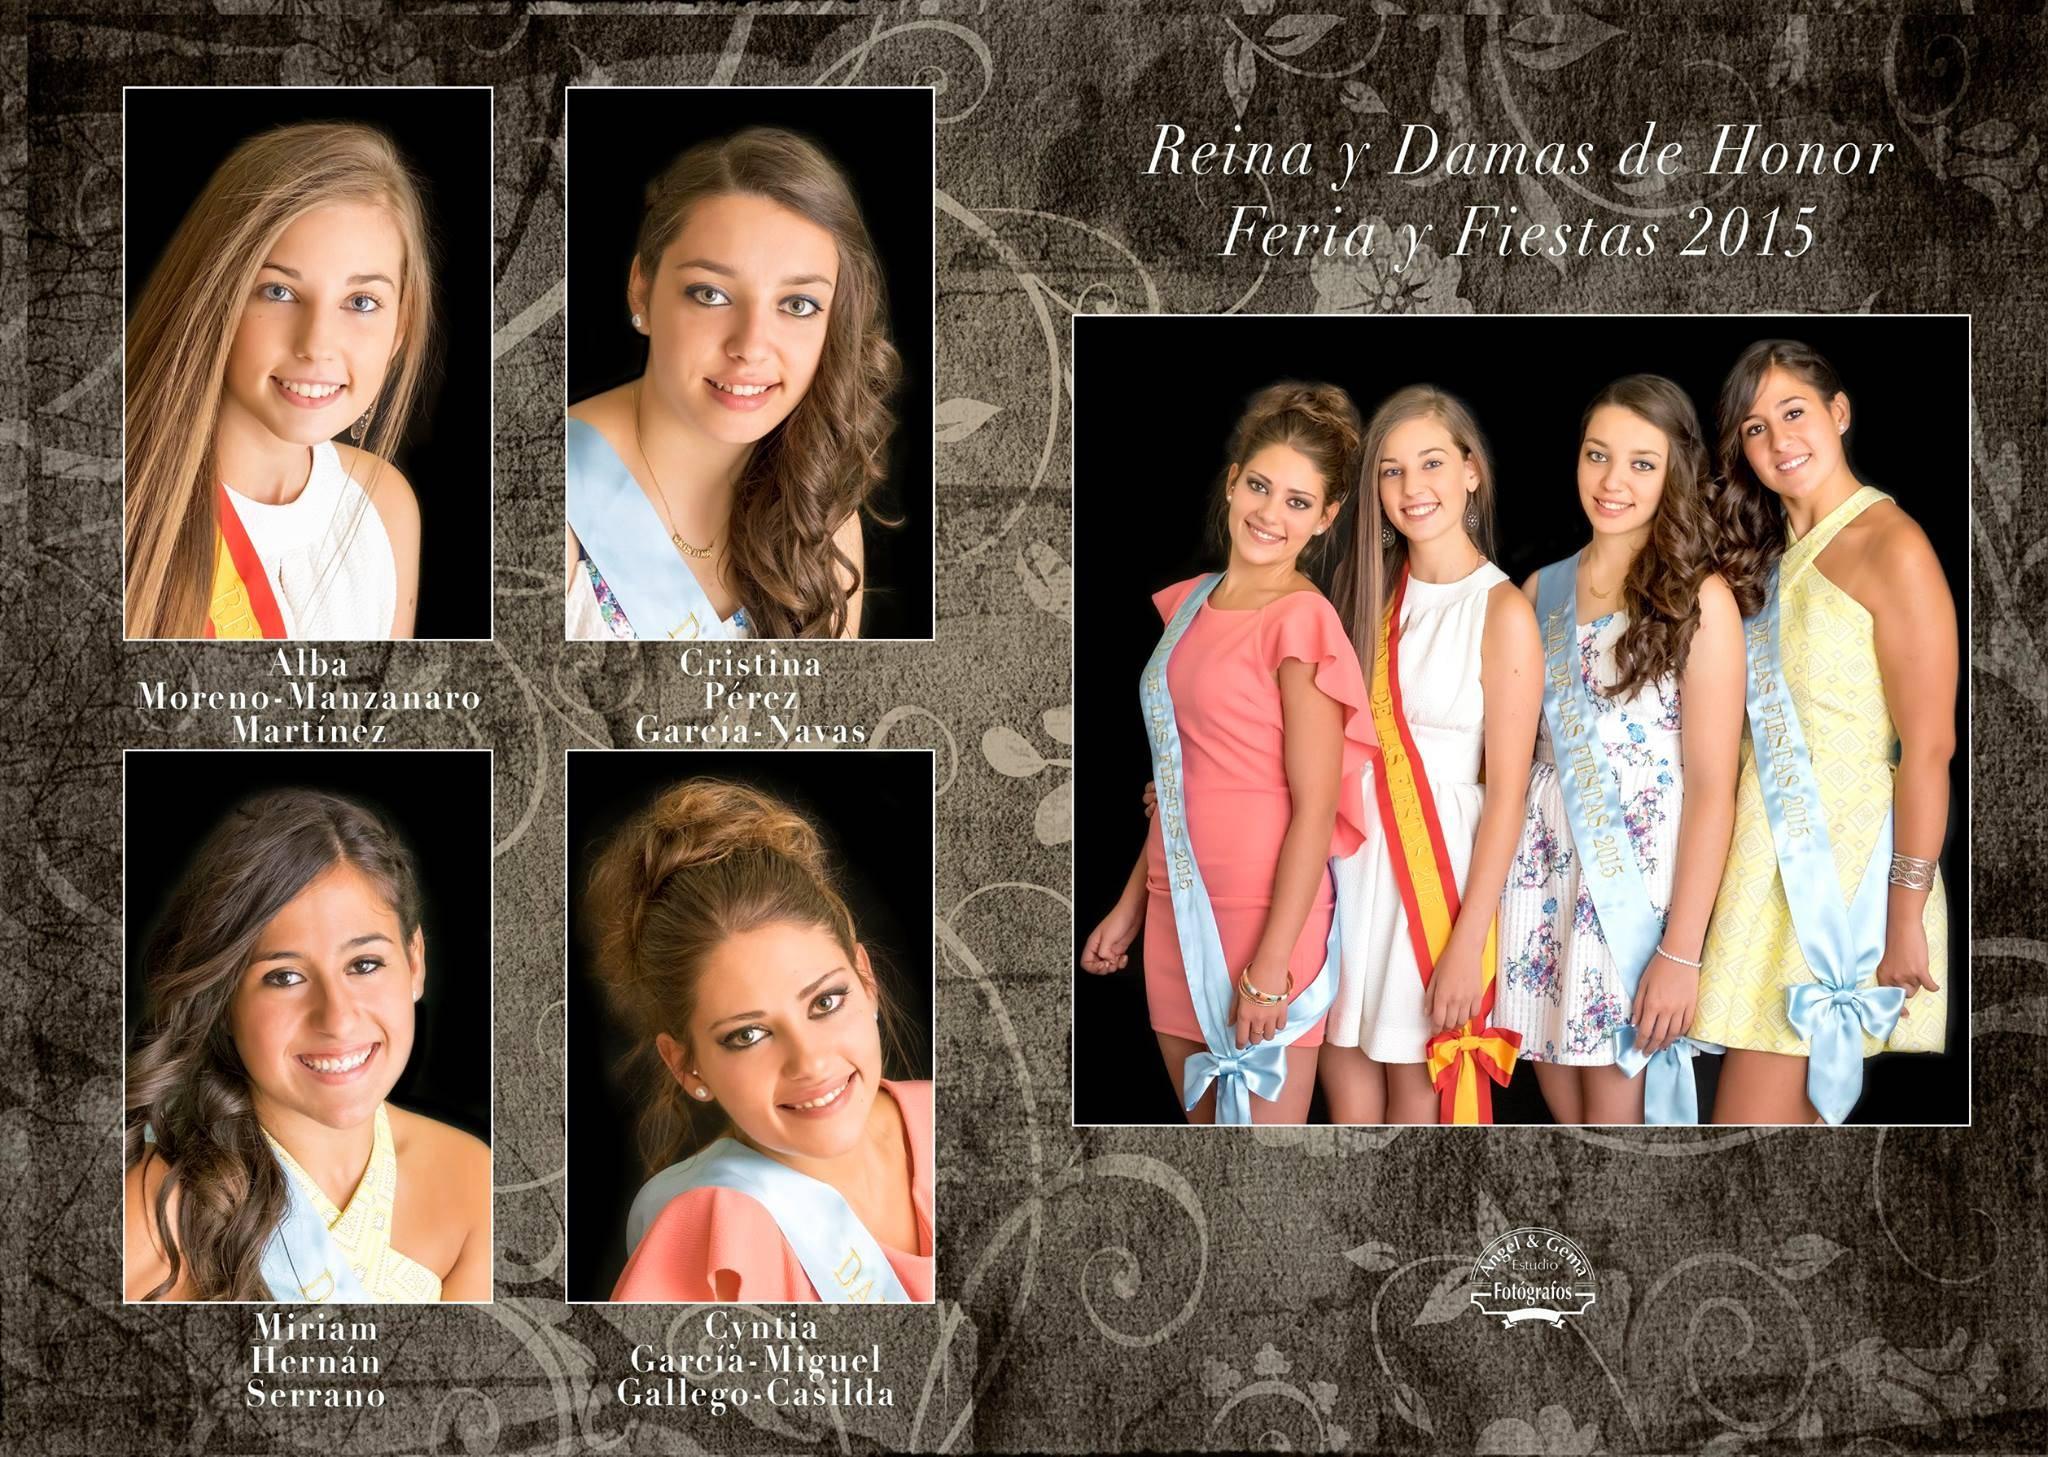 Reina y damas de las ferias y fiestas